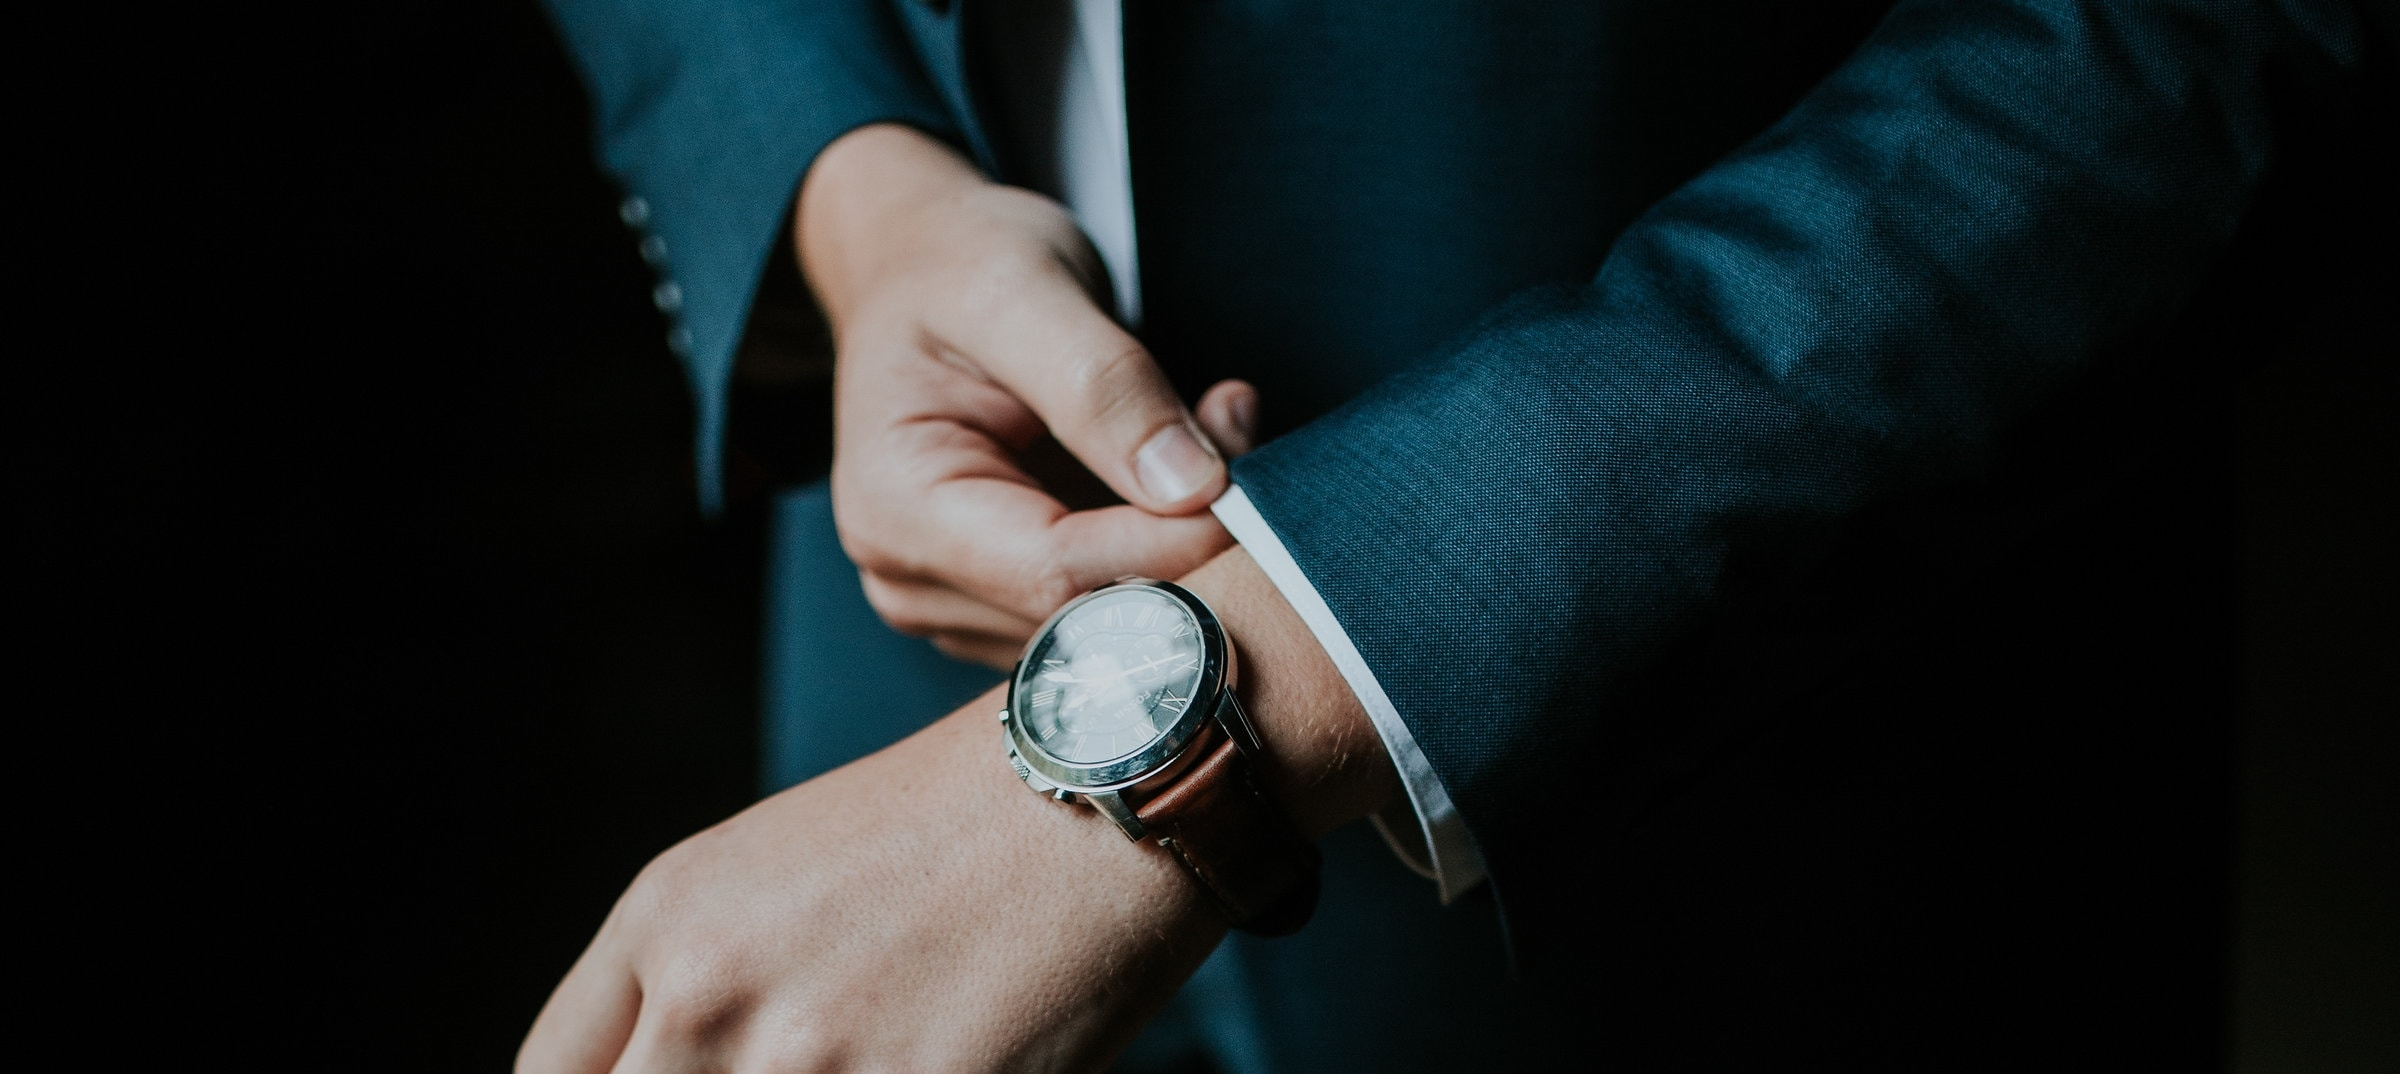 Business Upgrade – So können Männer ihren Look spannender stylen